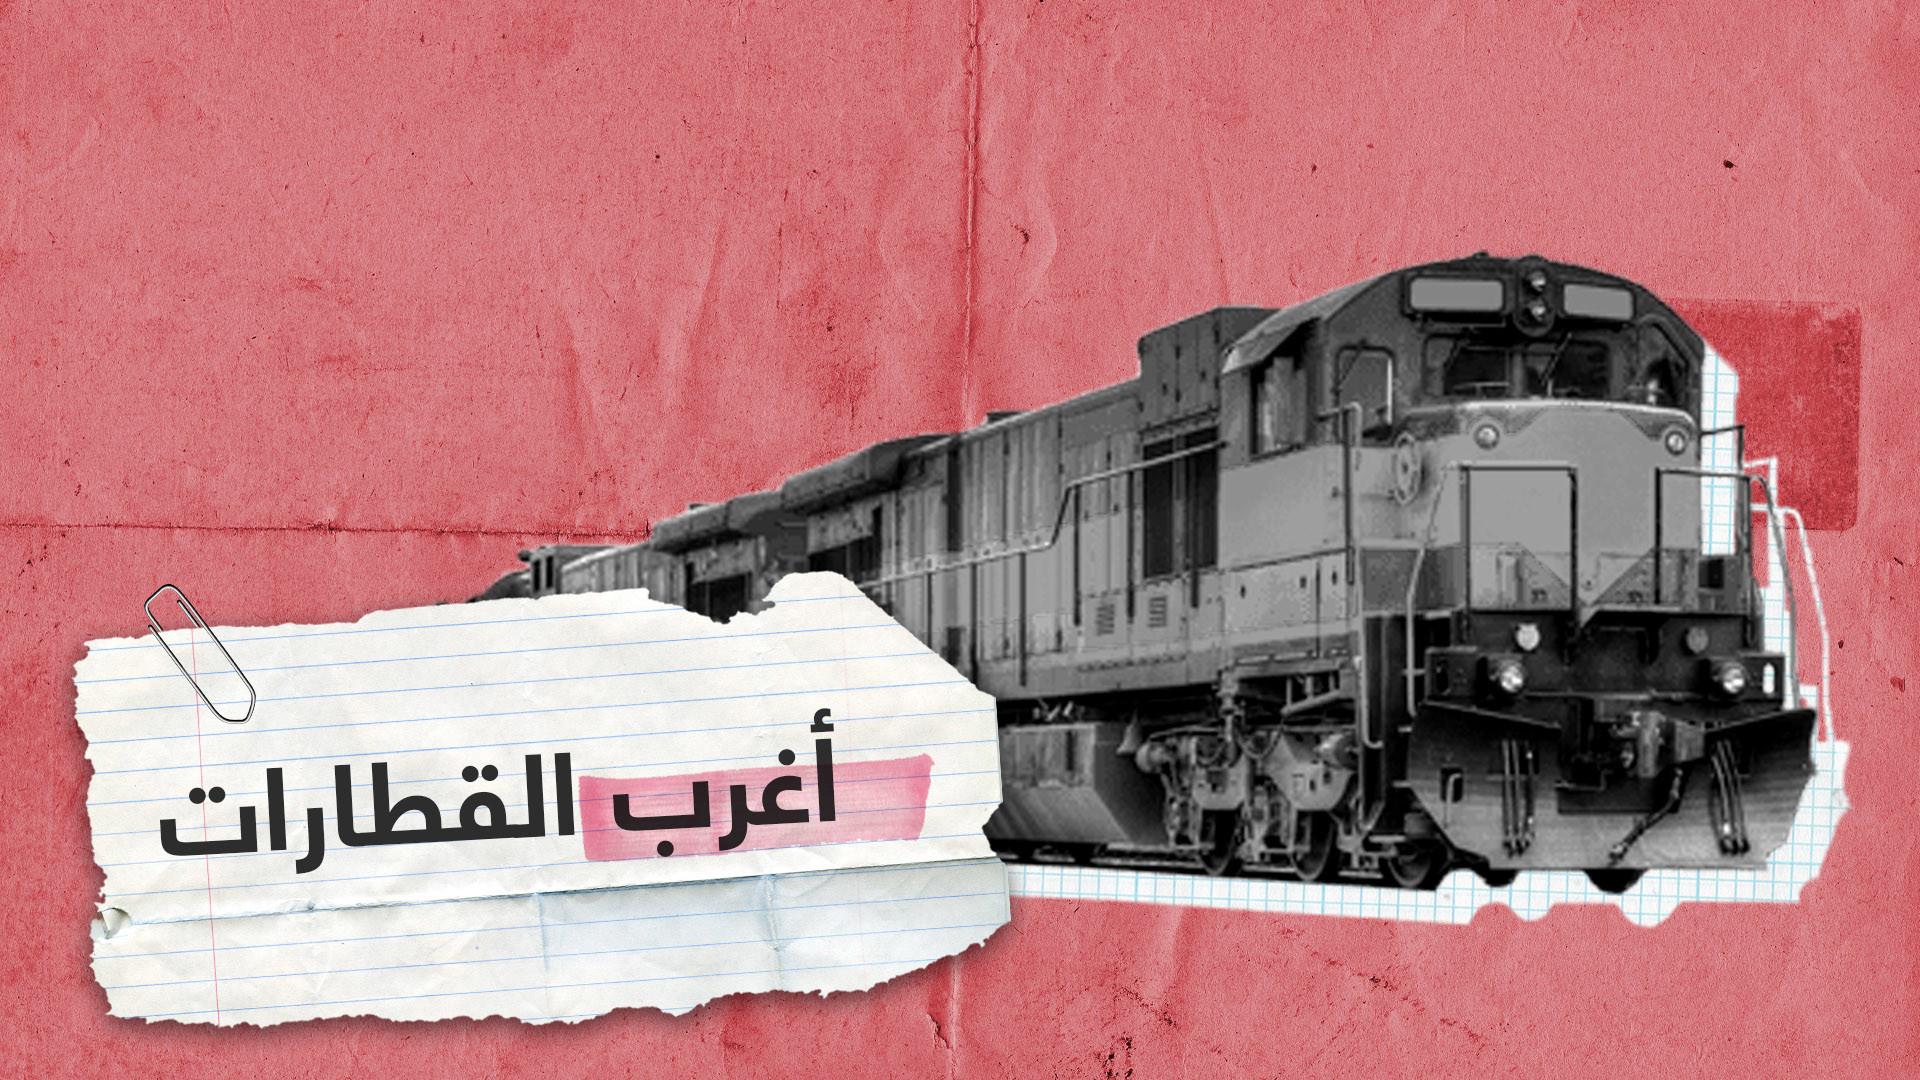 أغرب القطارات وأجملها حول العالم